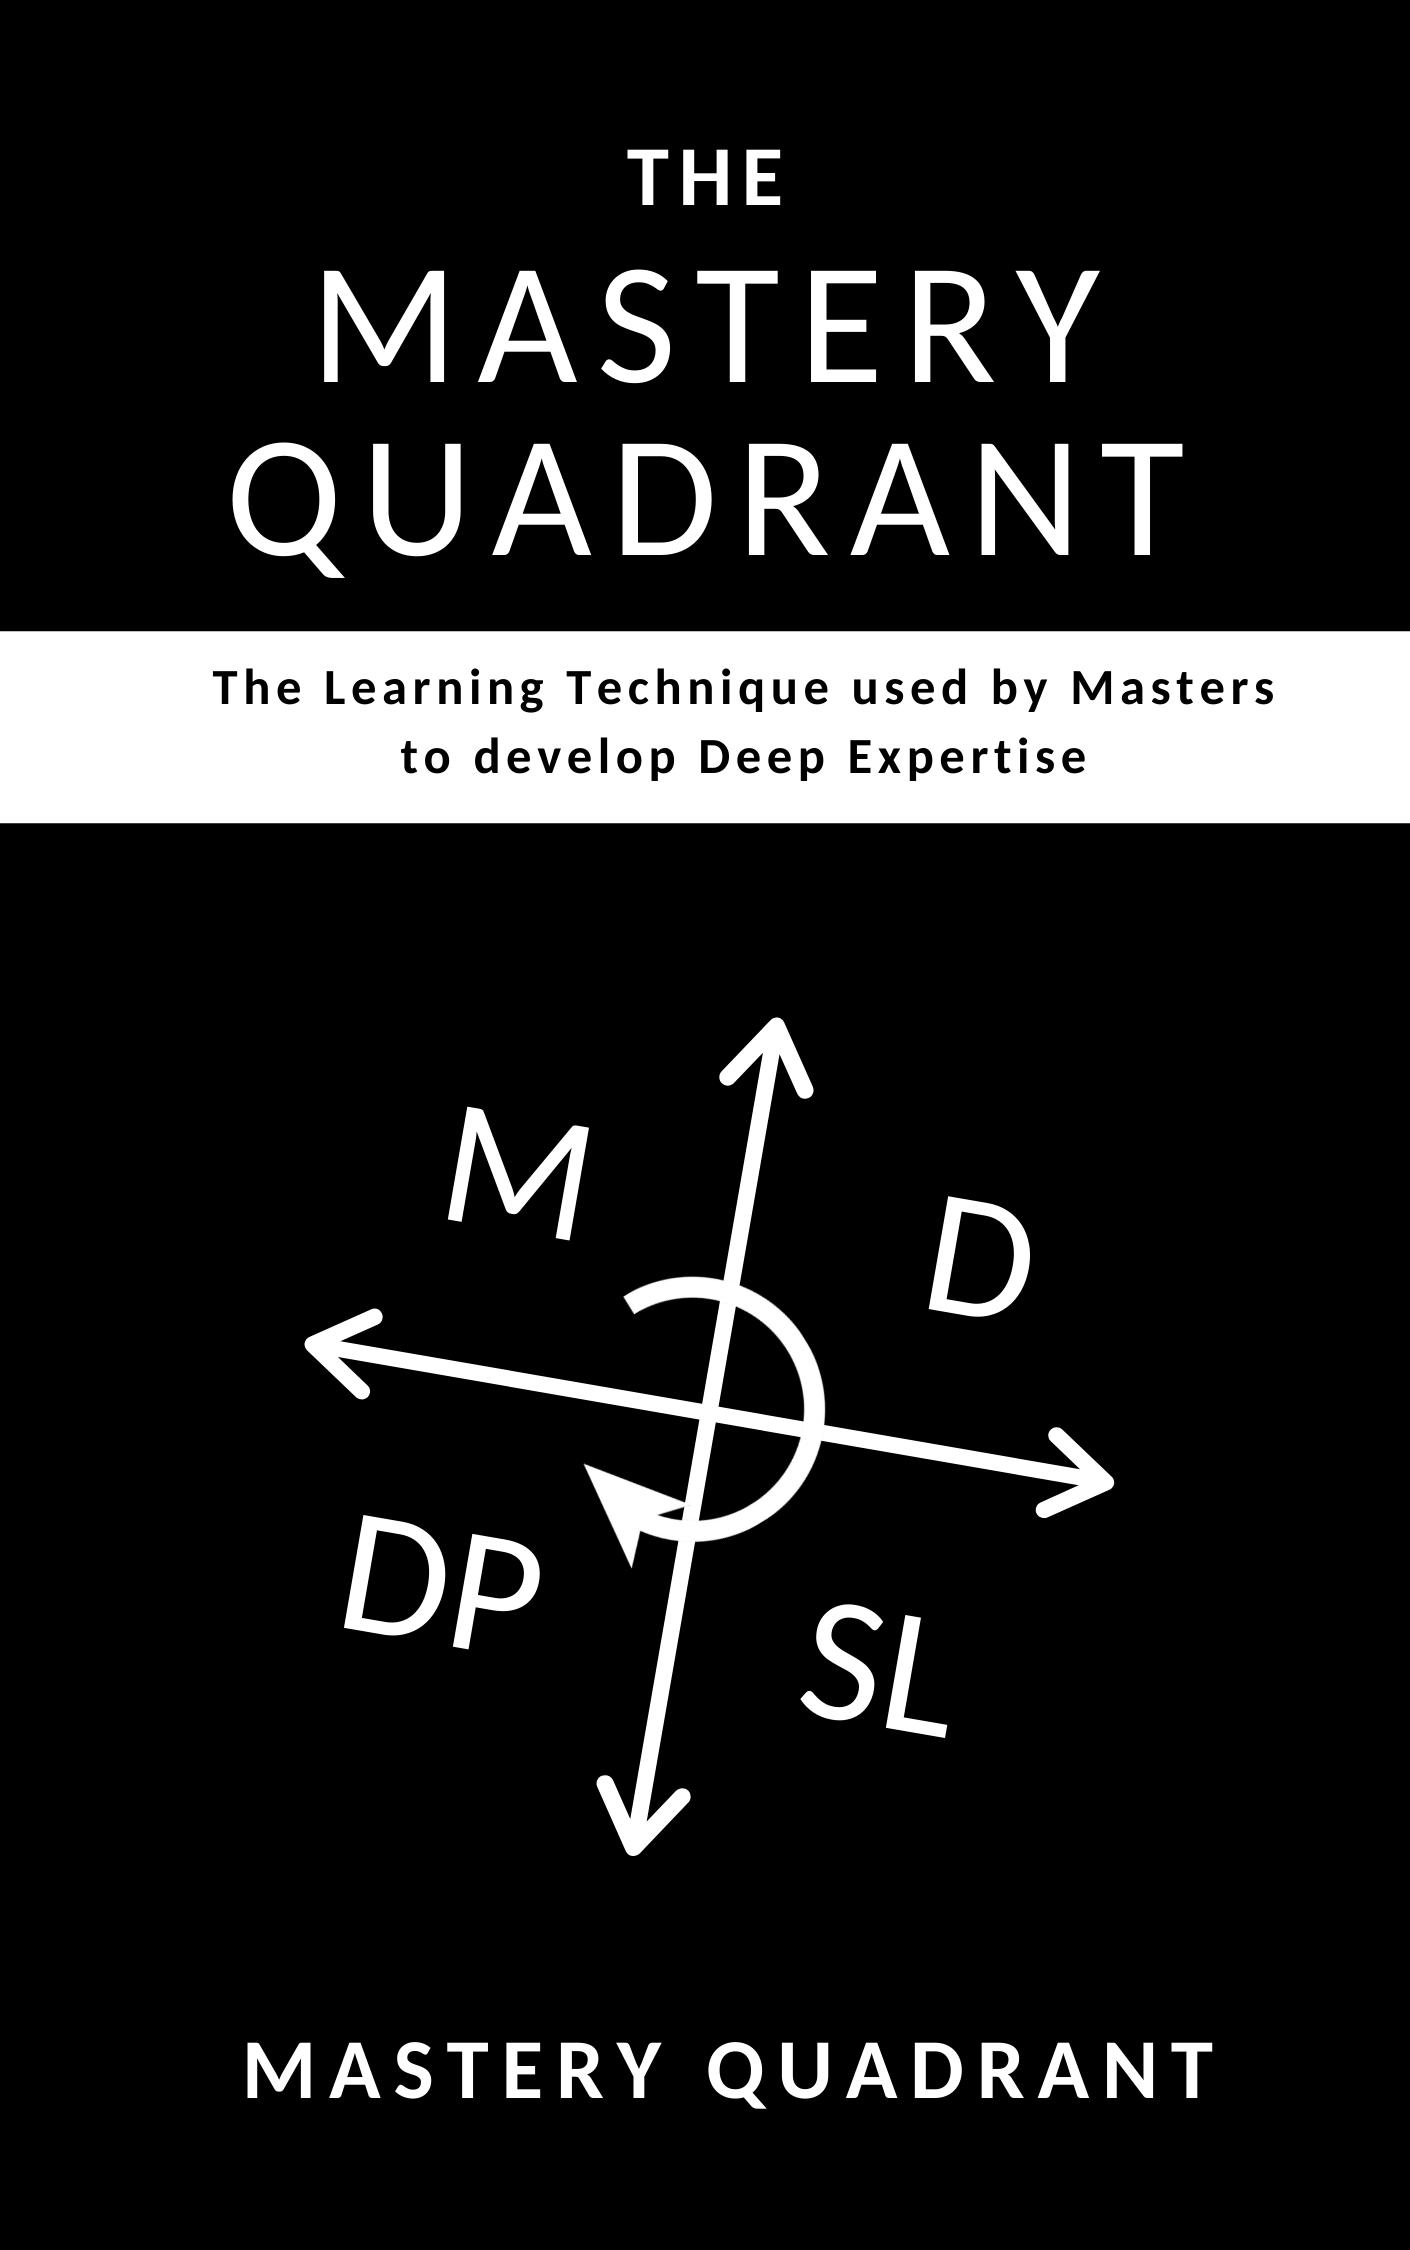 The Mastery Quadrant Book